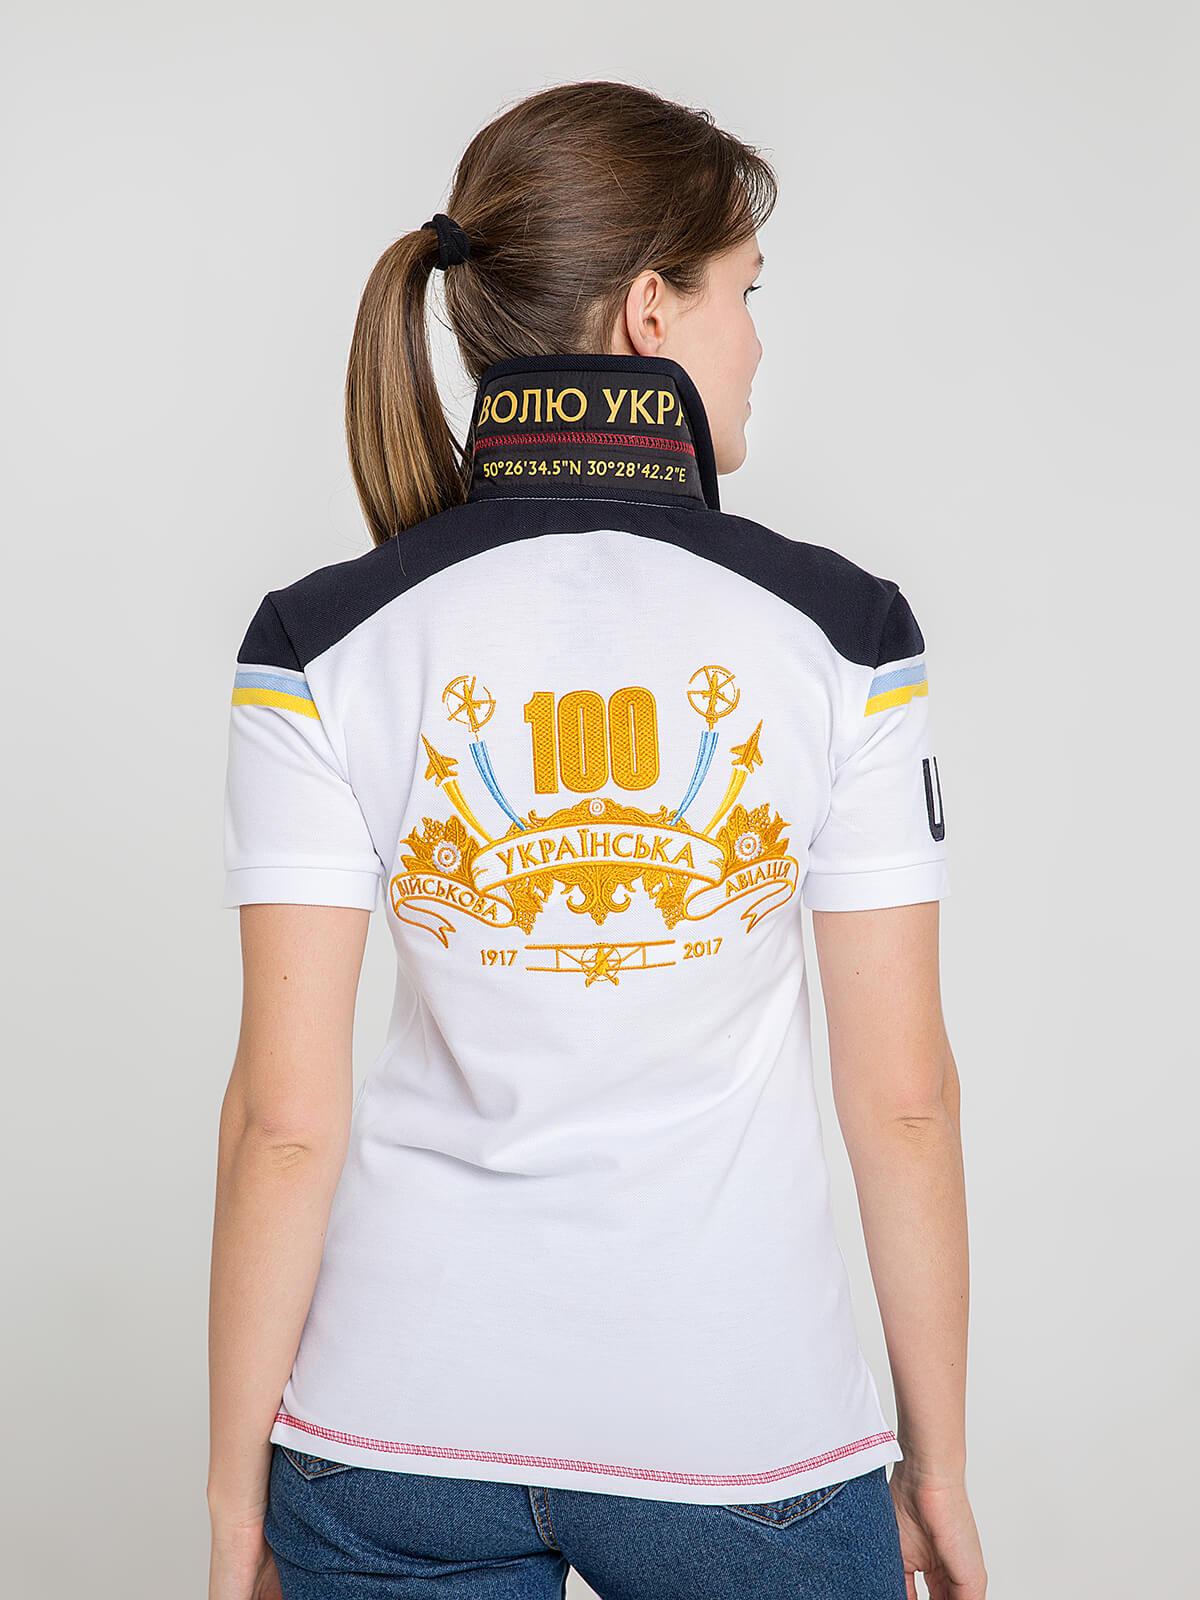 Жіноче Поло 100 Років Української Авіації. Колір білий.  Не варто переживати за універсальний розмір.